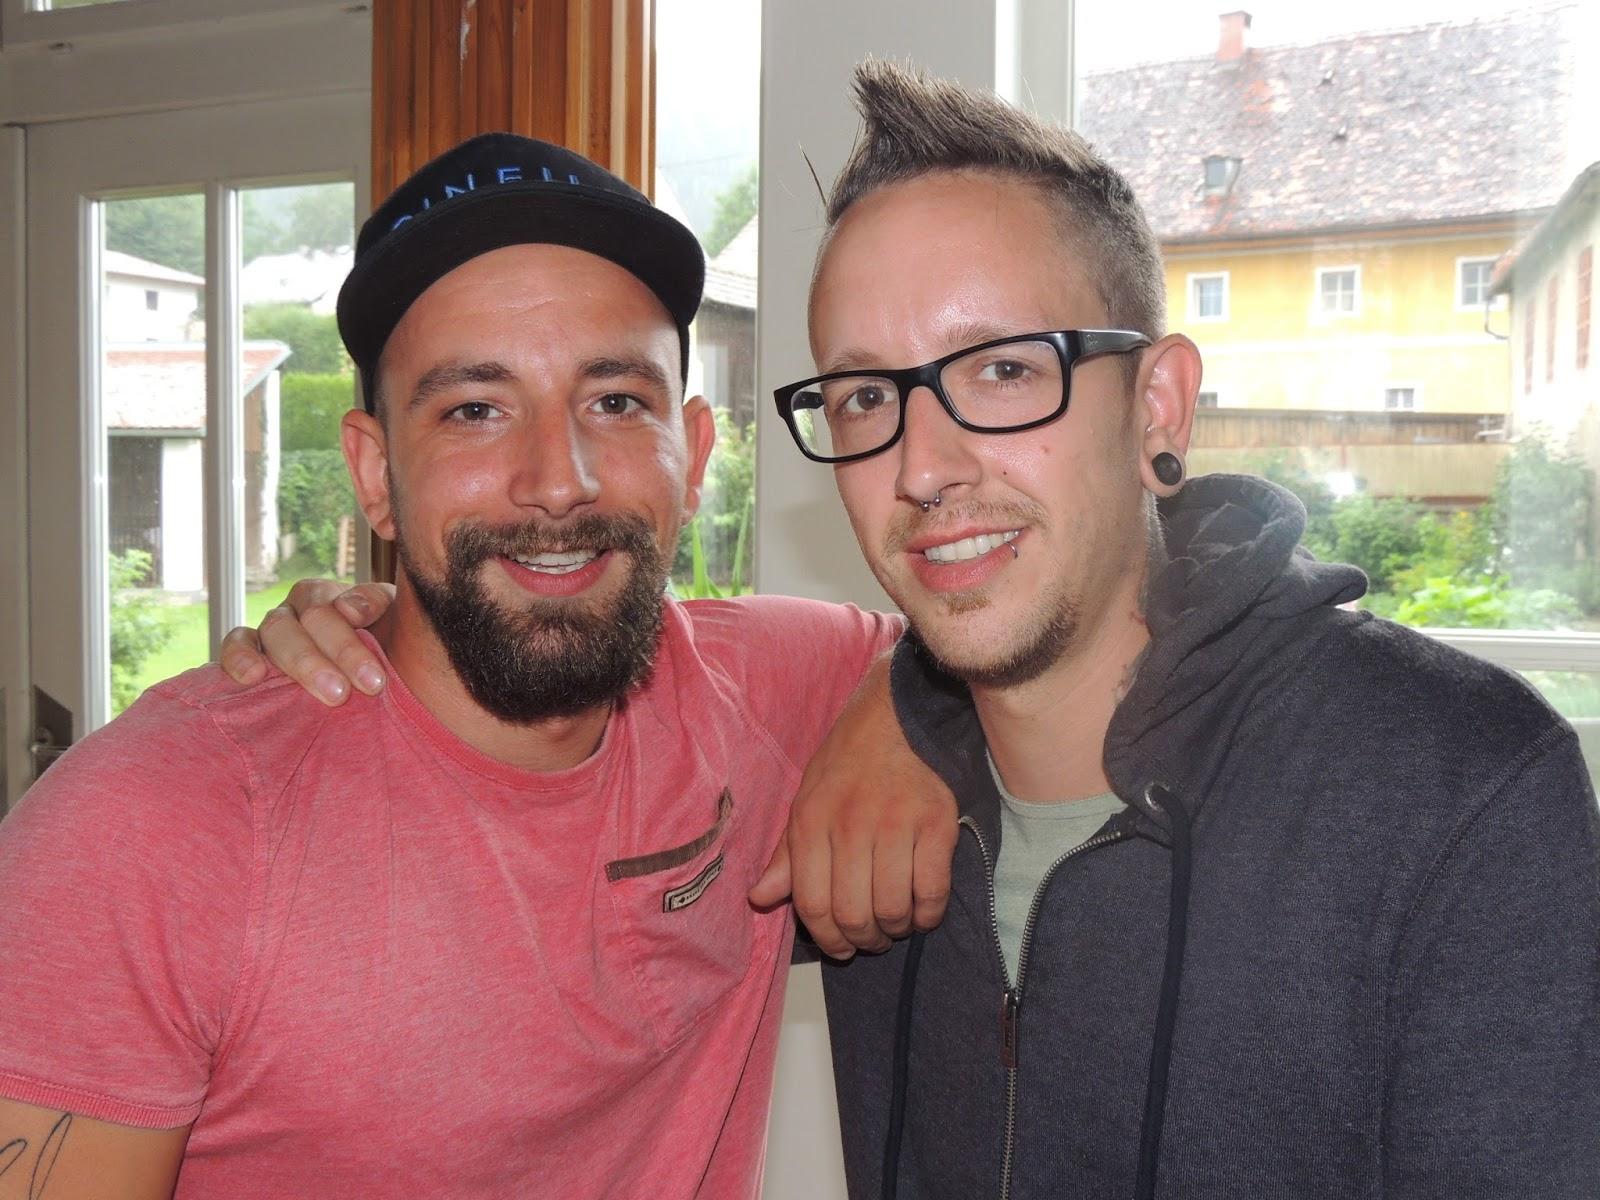 Leonharder Blogspot Seiler Speer Konzert In Bad St Leonhard